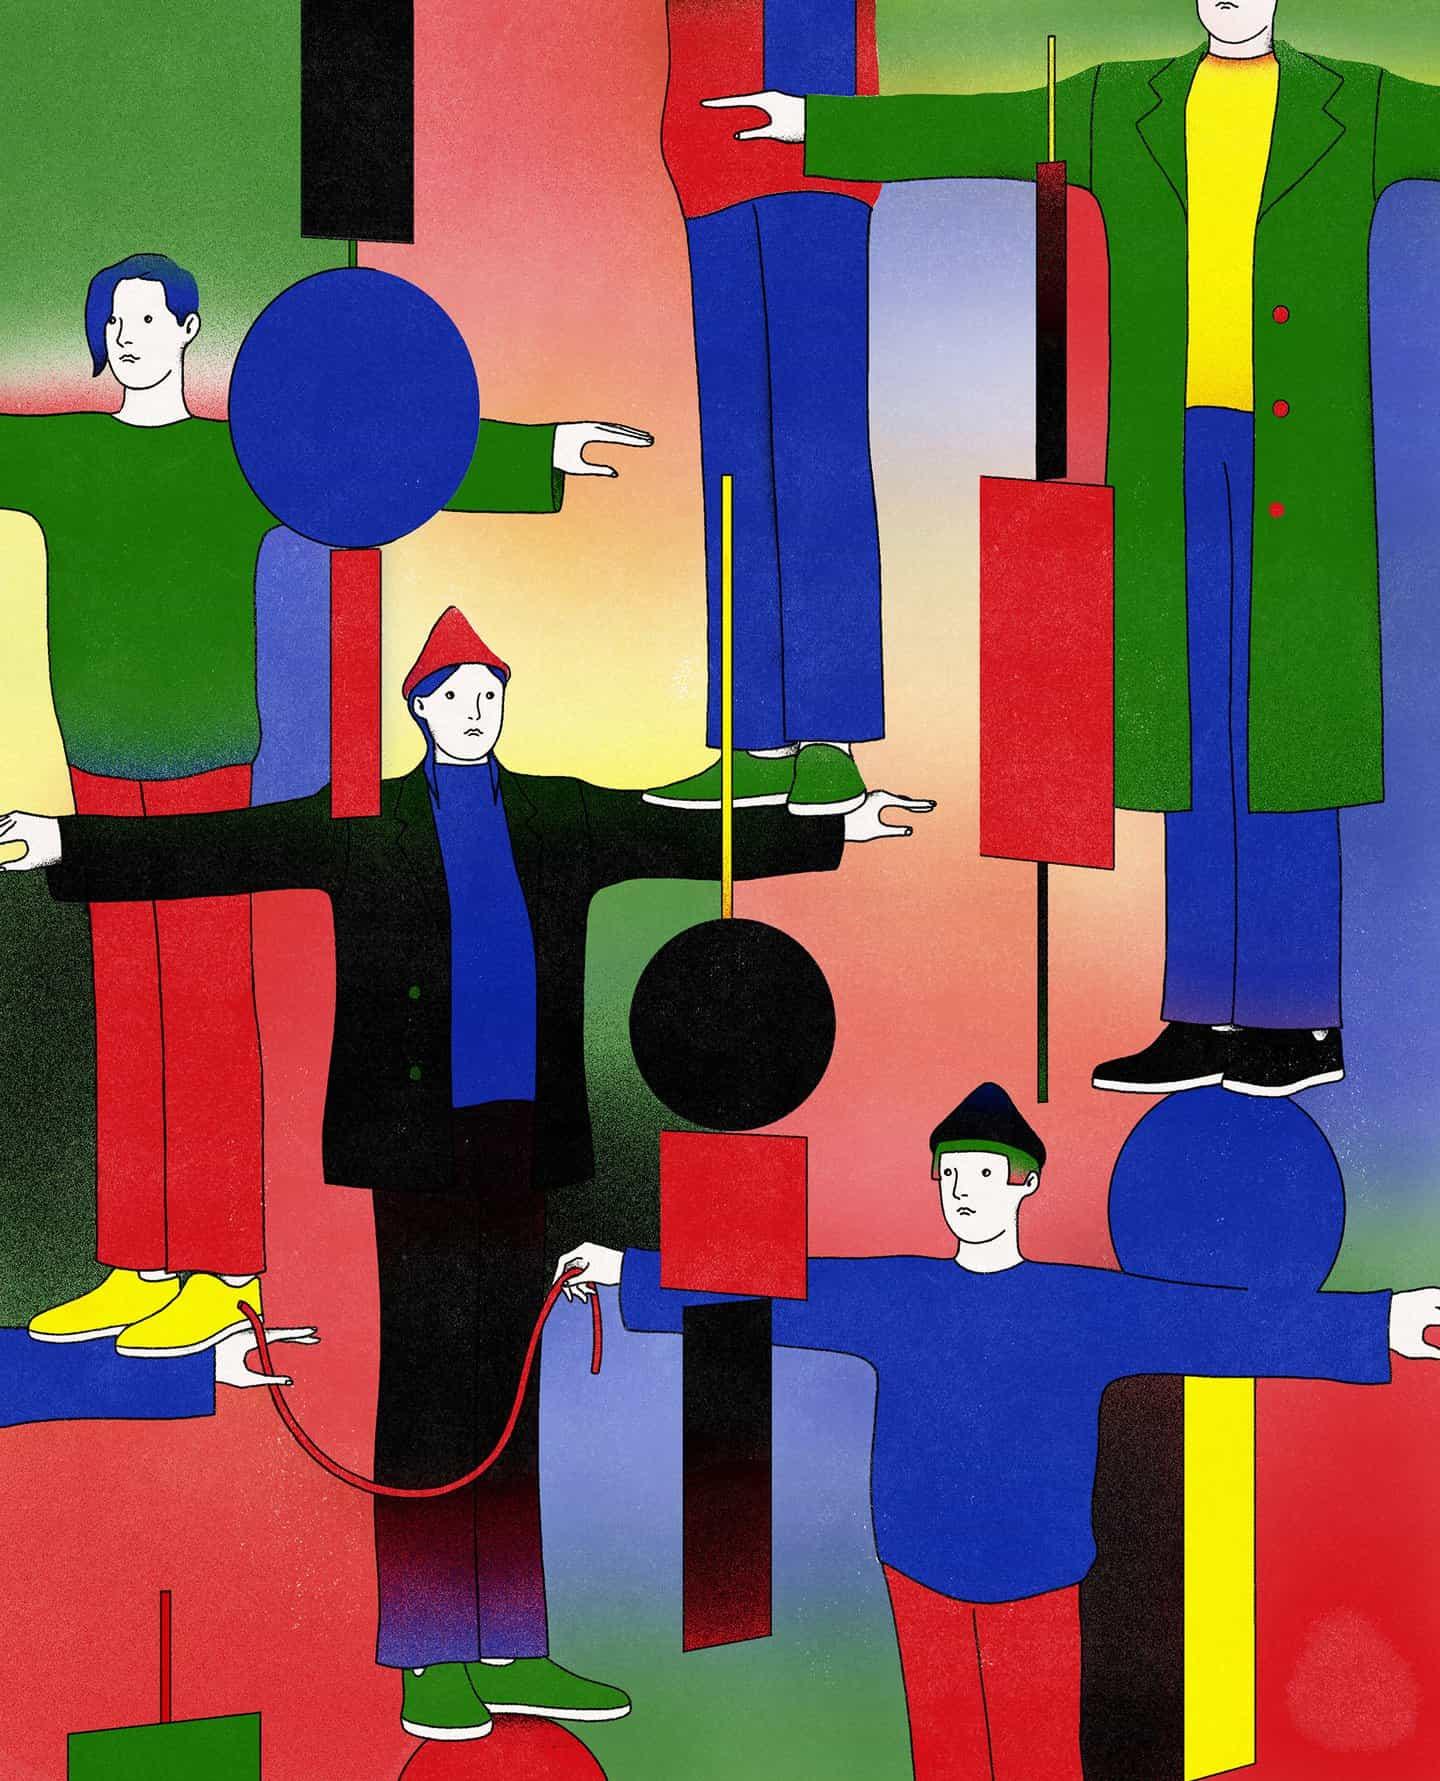 En sus ilustraciones, Younsik Woo representa la interconexión de todas las cosas